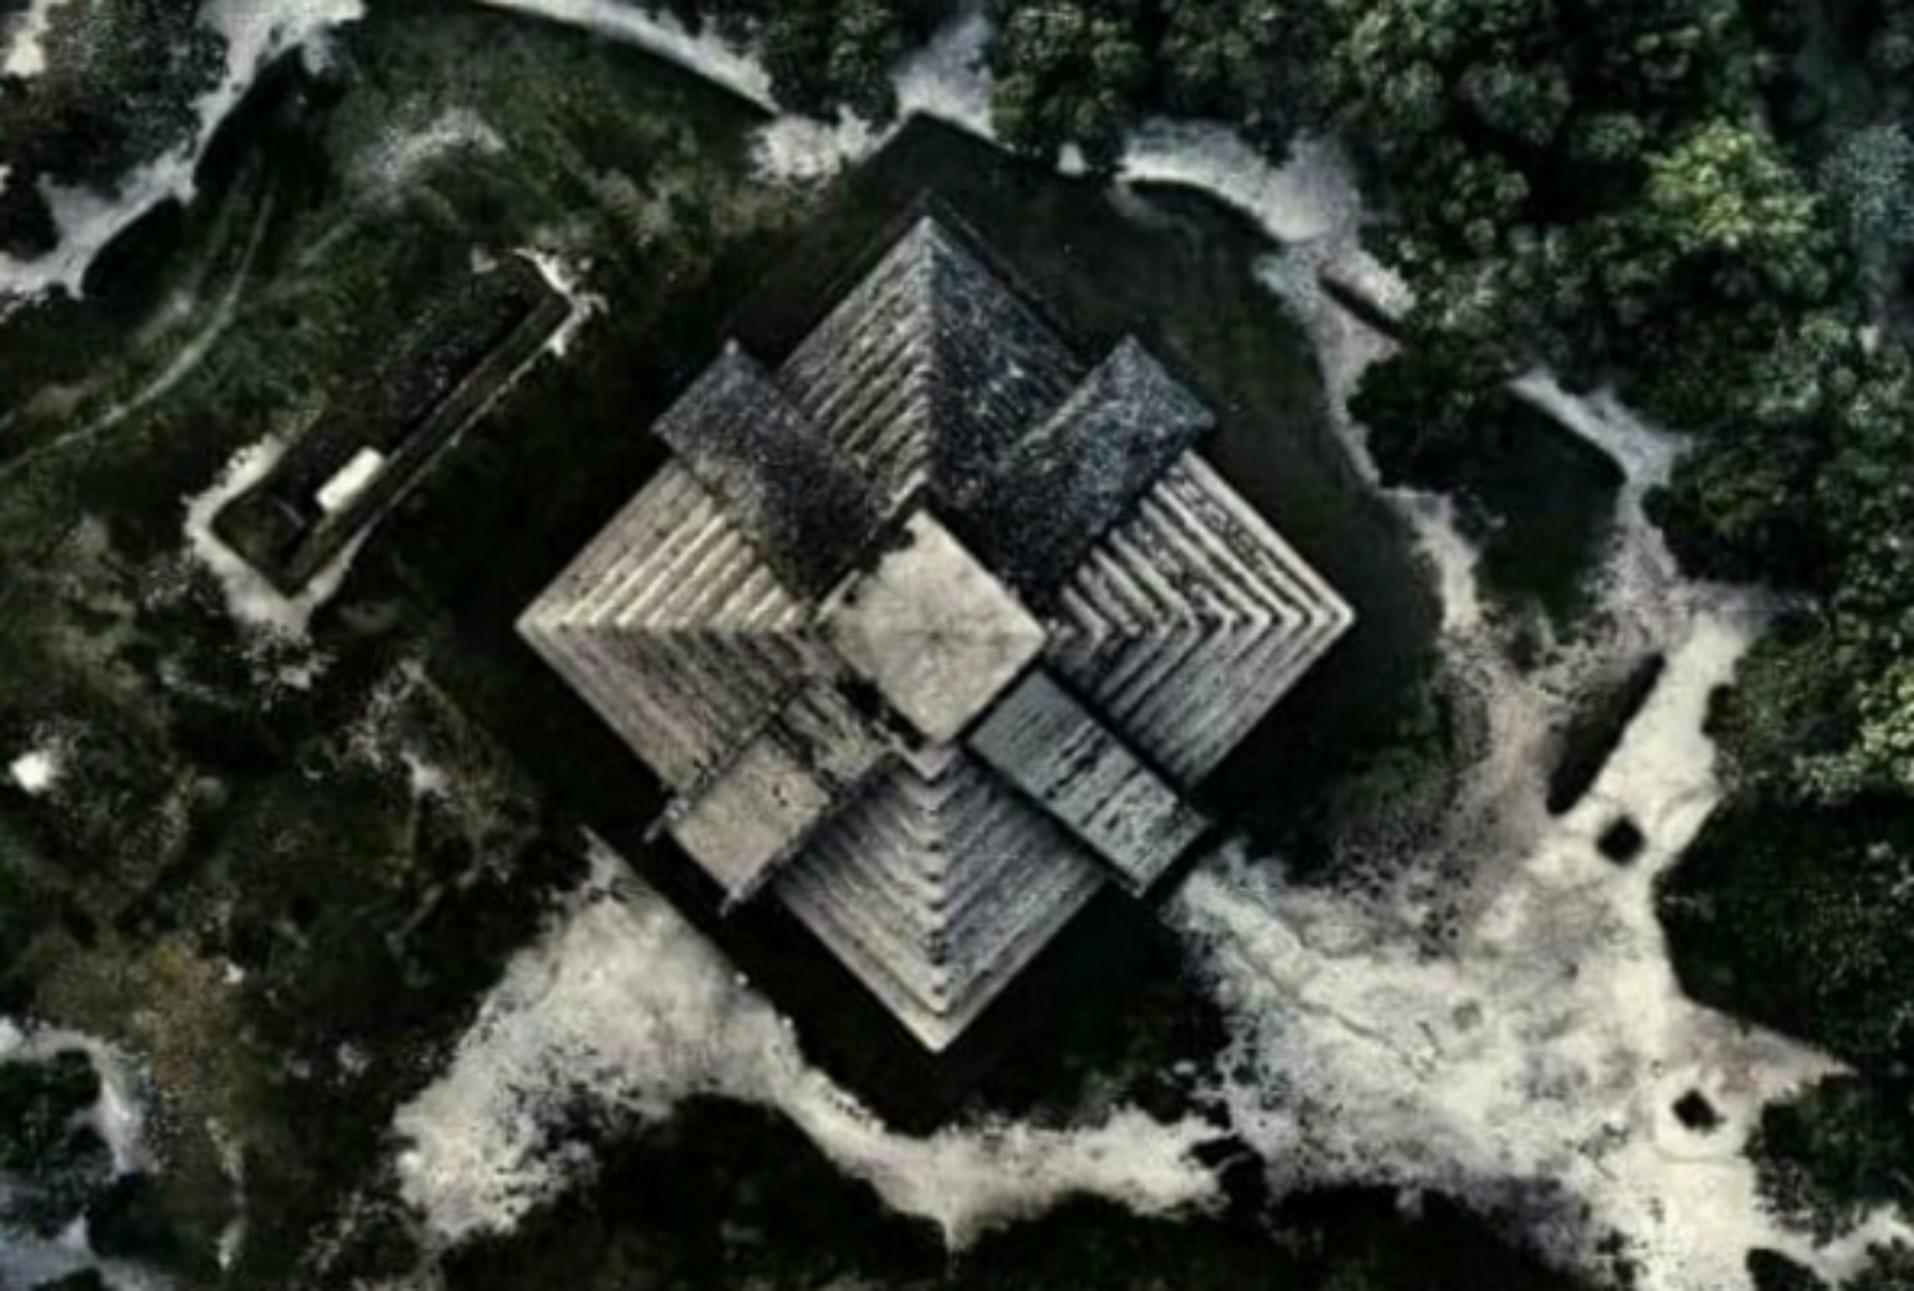 Procedimiento del INAH contra persona que fotografió la pirámide de Kukulkán es desproporcionado: R3D